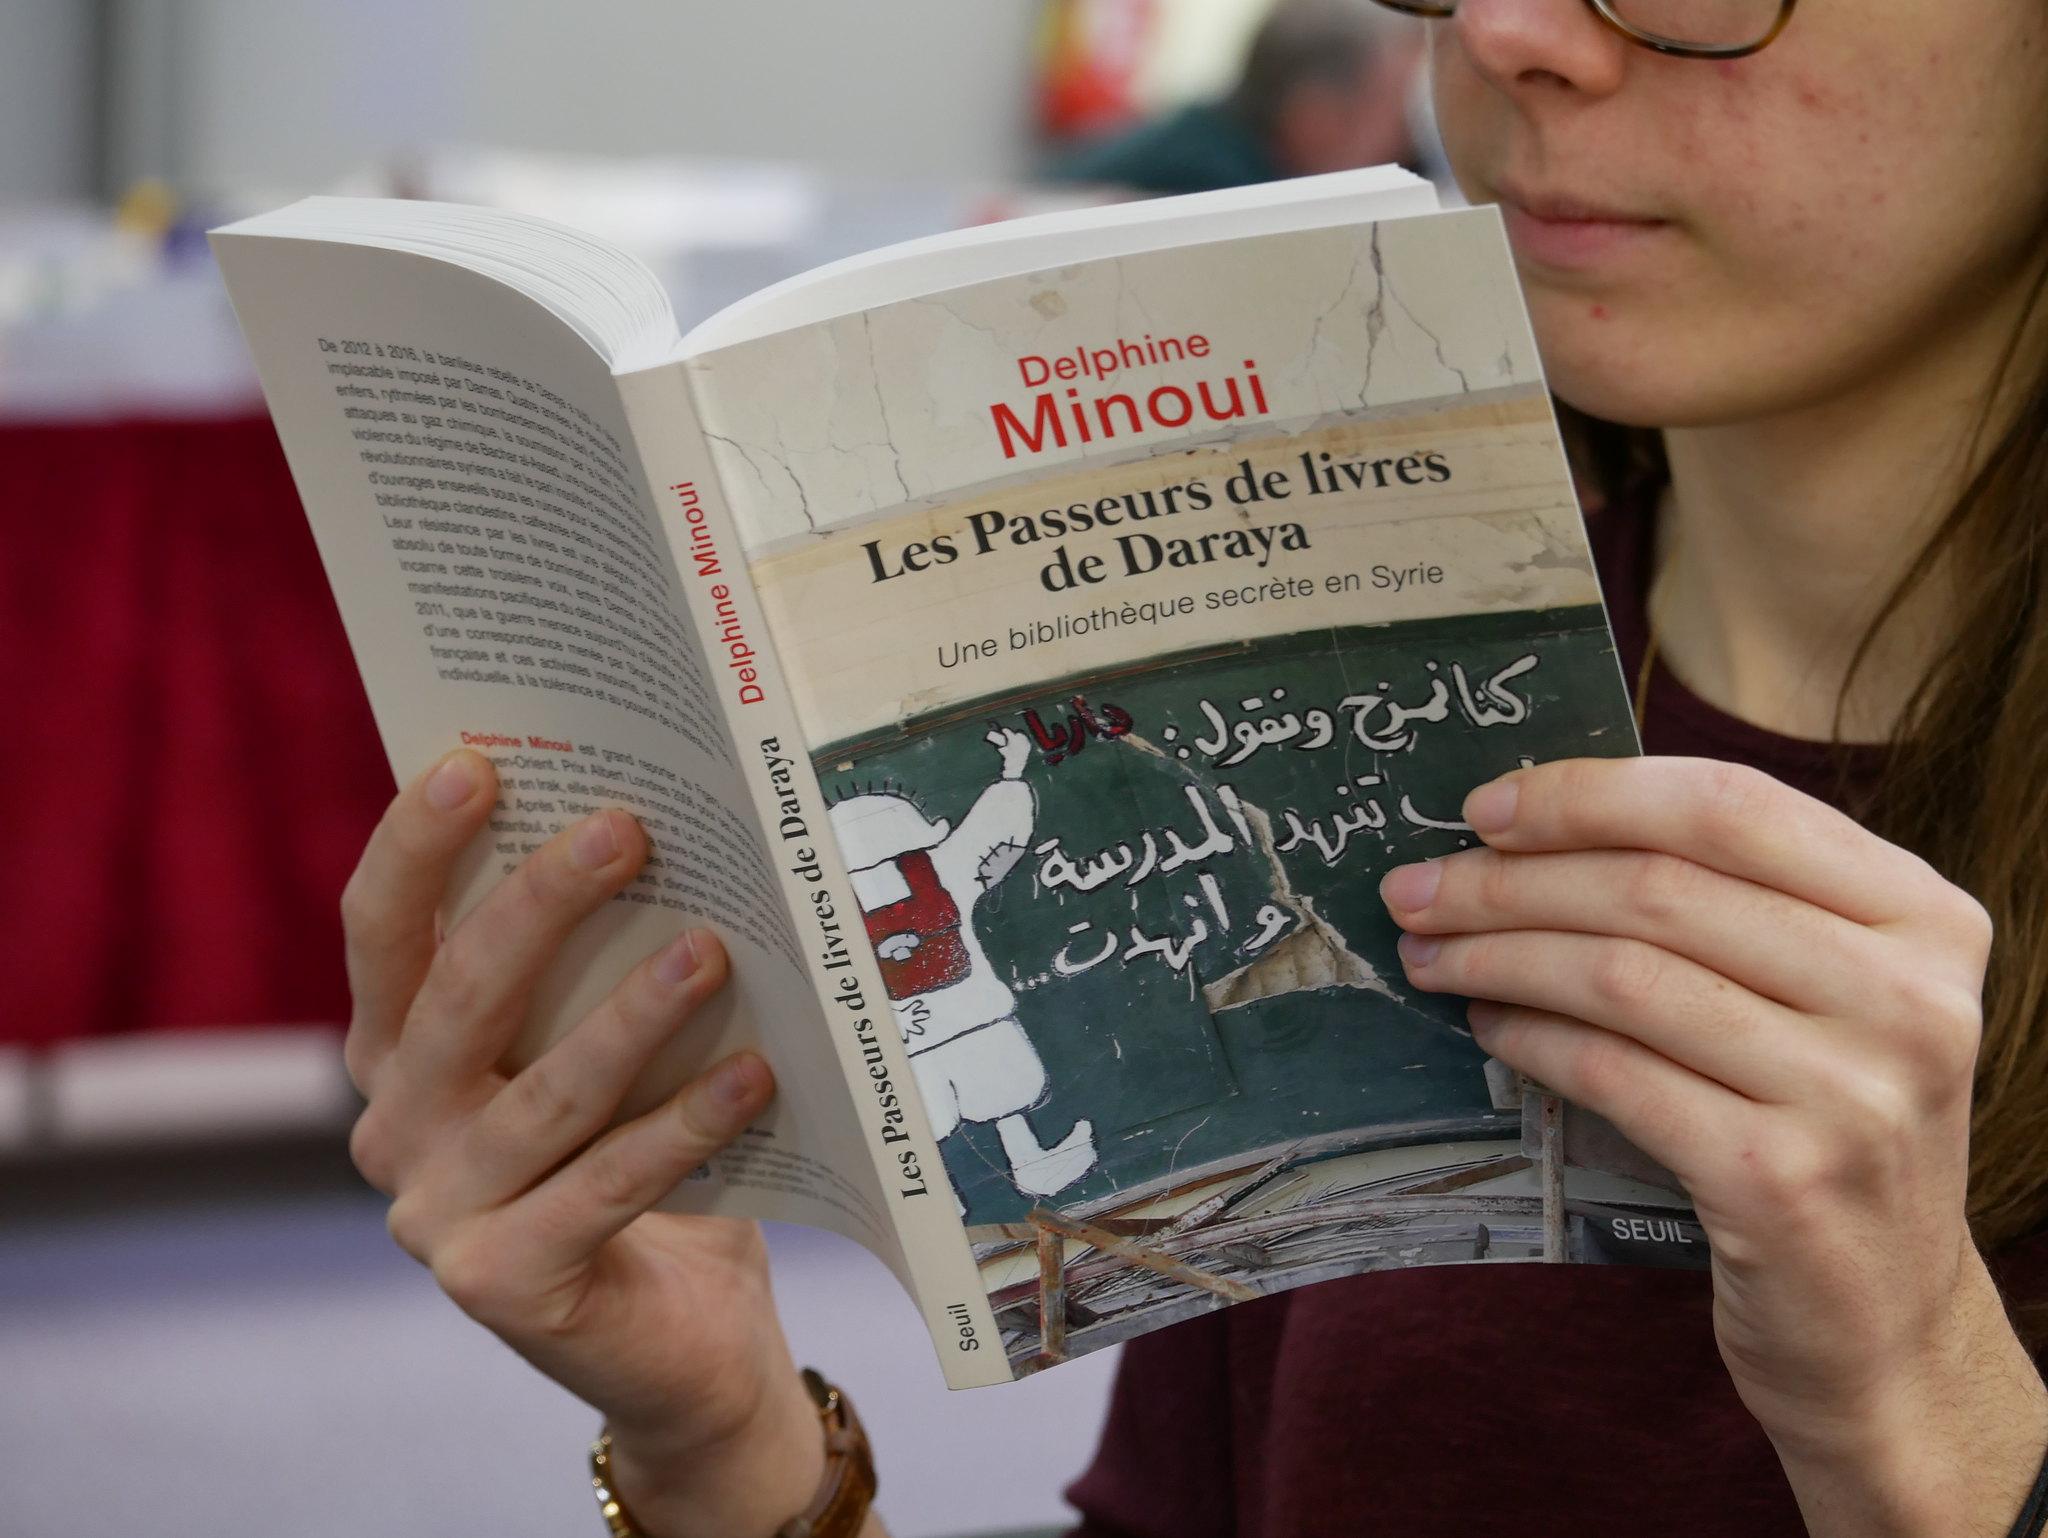 Les mots Delphine Minoui nous amènent au cœur de la bibliothèque de Daraya. Photo : Clément Buzalka